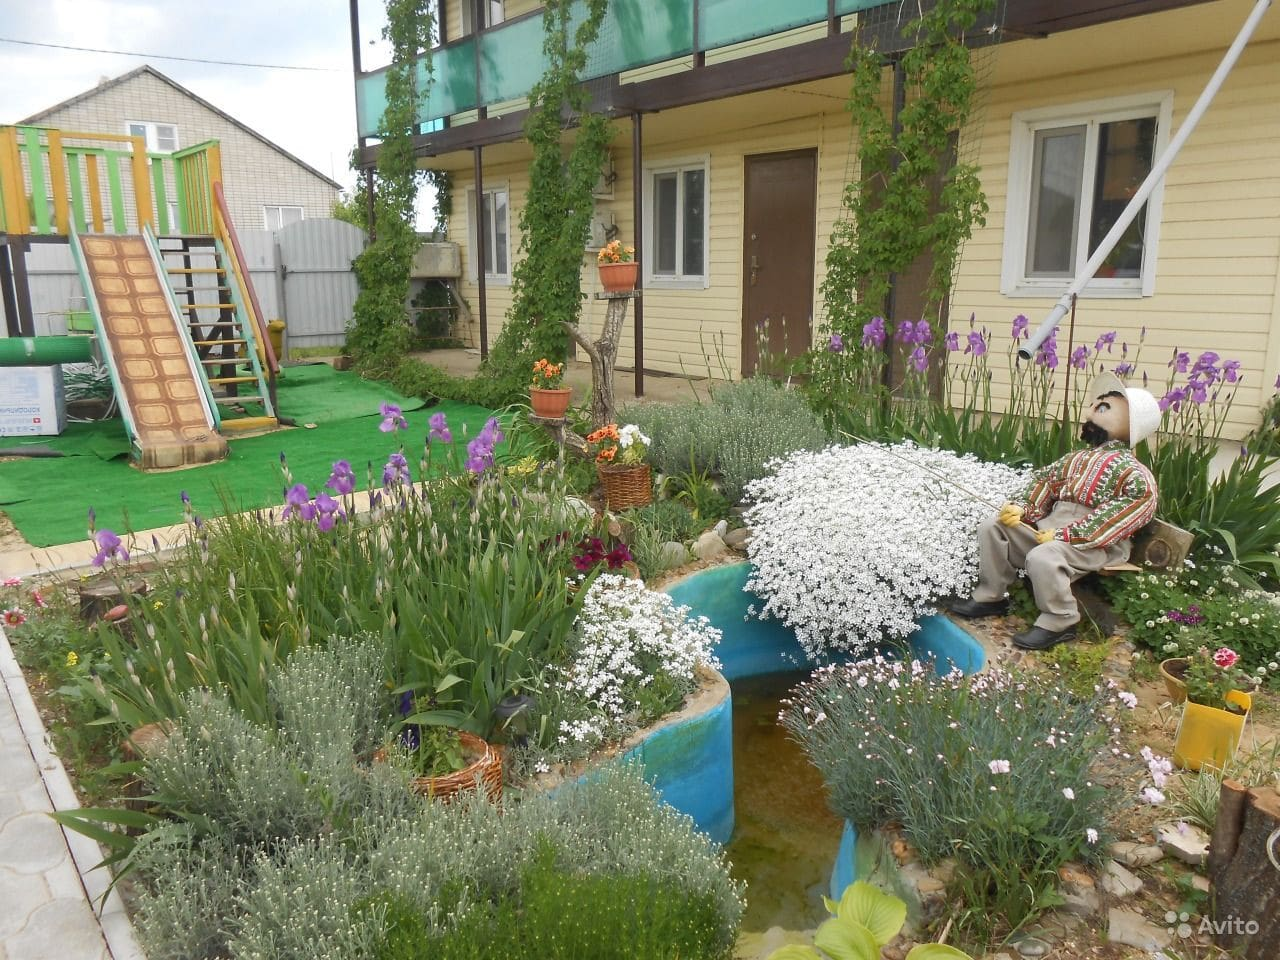 Уютный дворик, детская полощадка, в пруду плещутся карасики